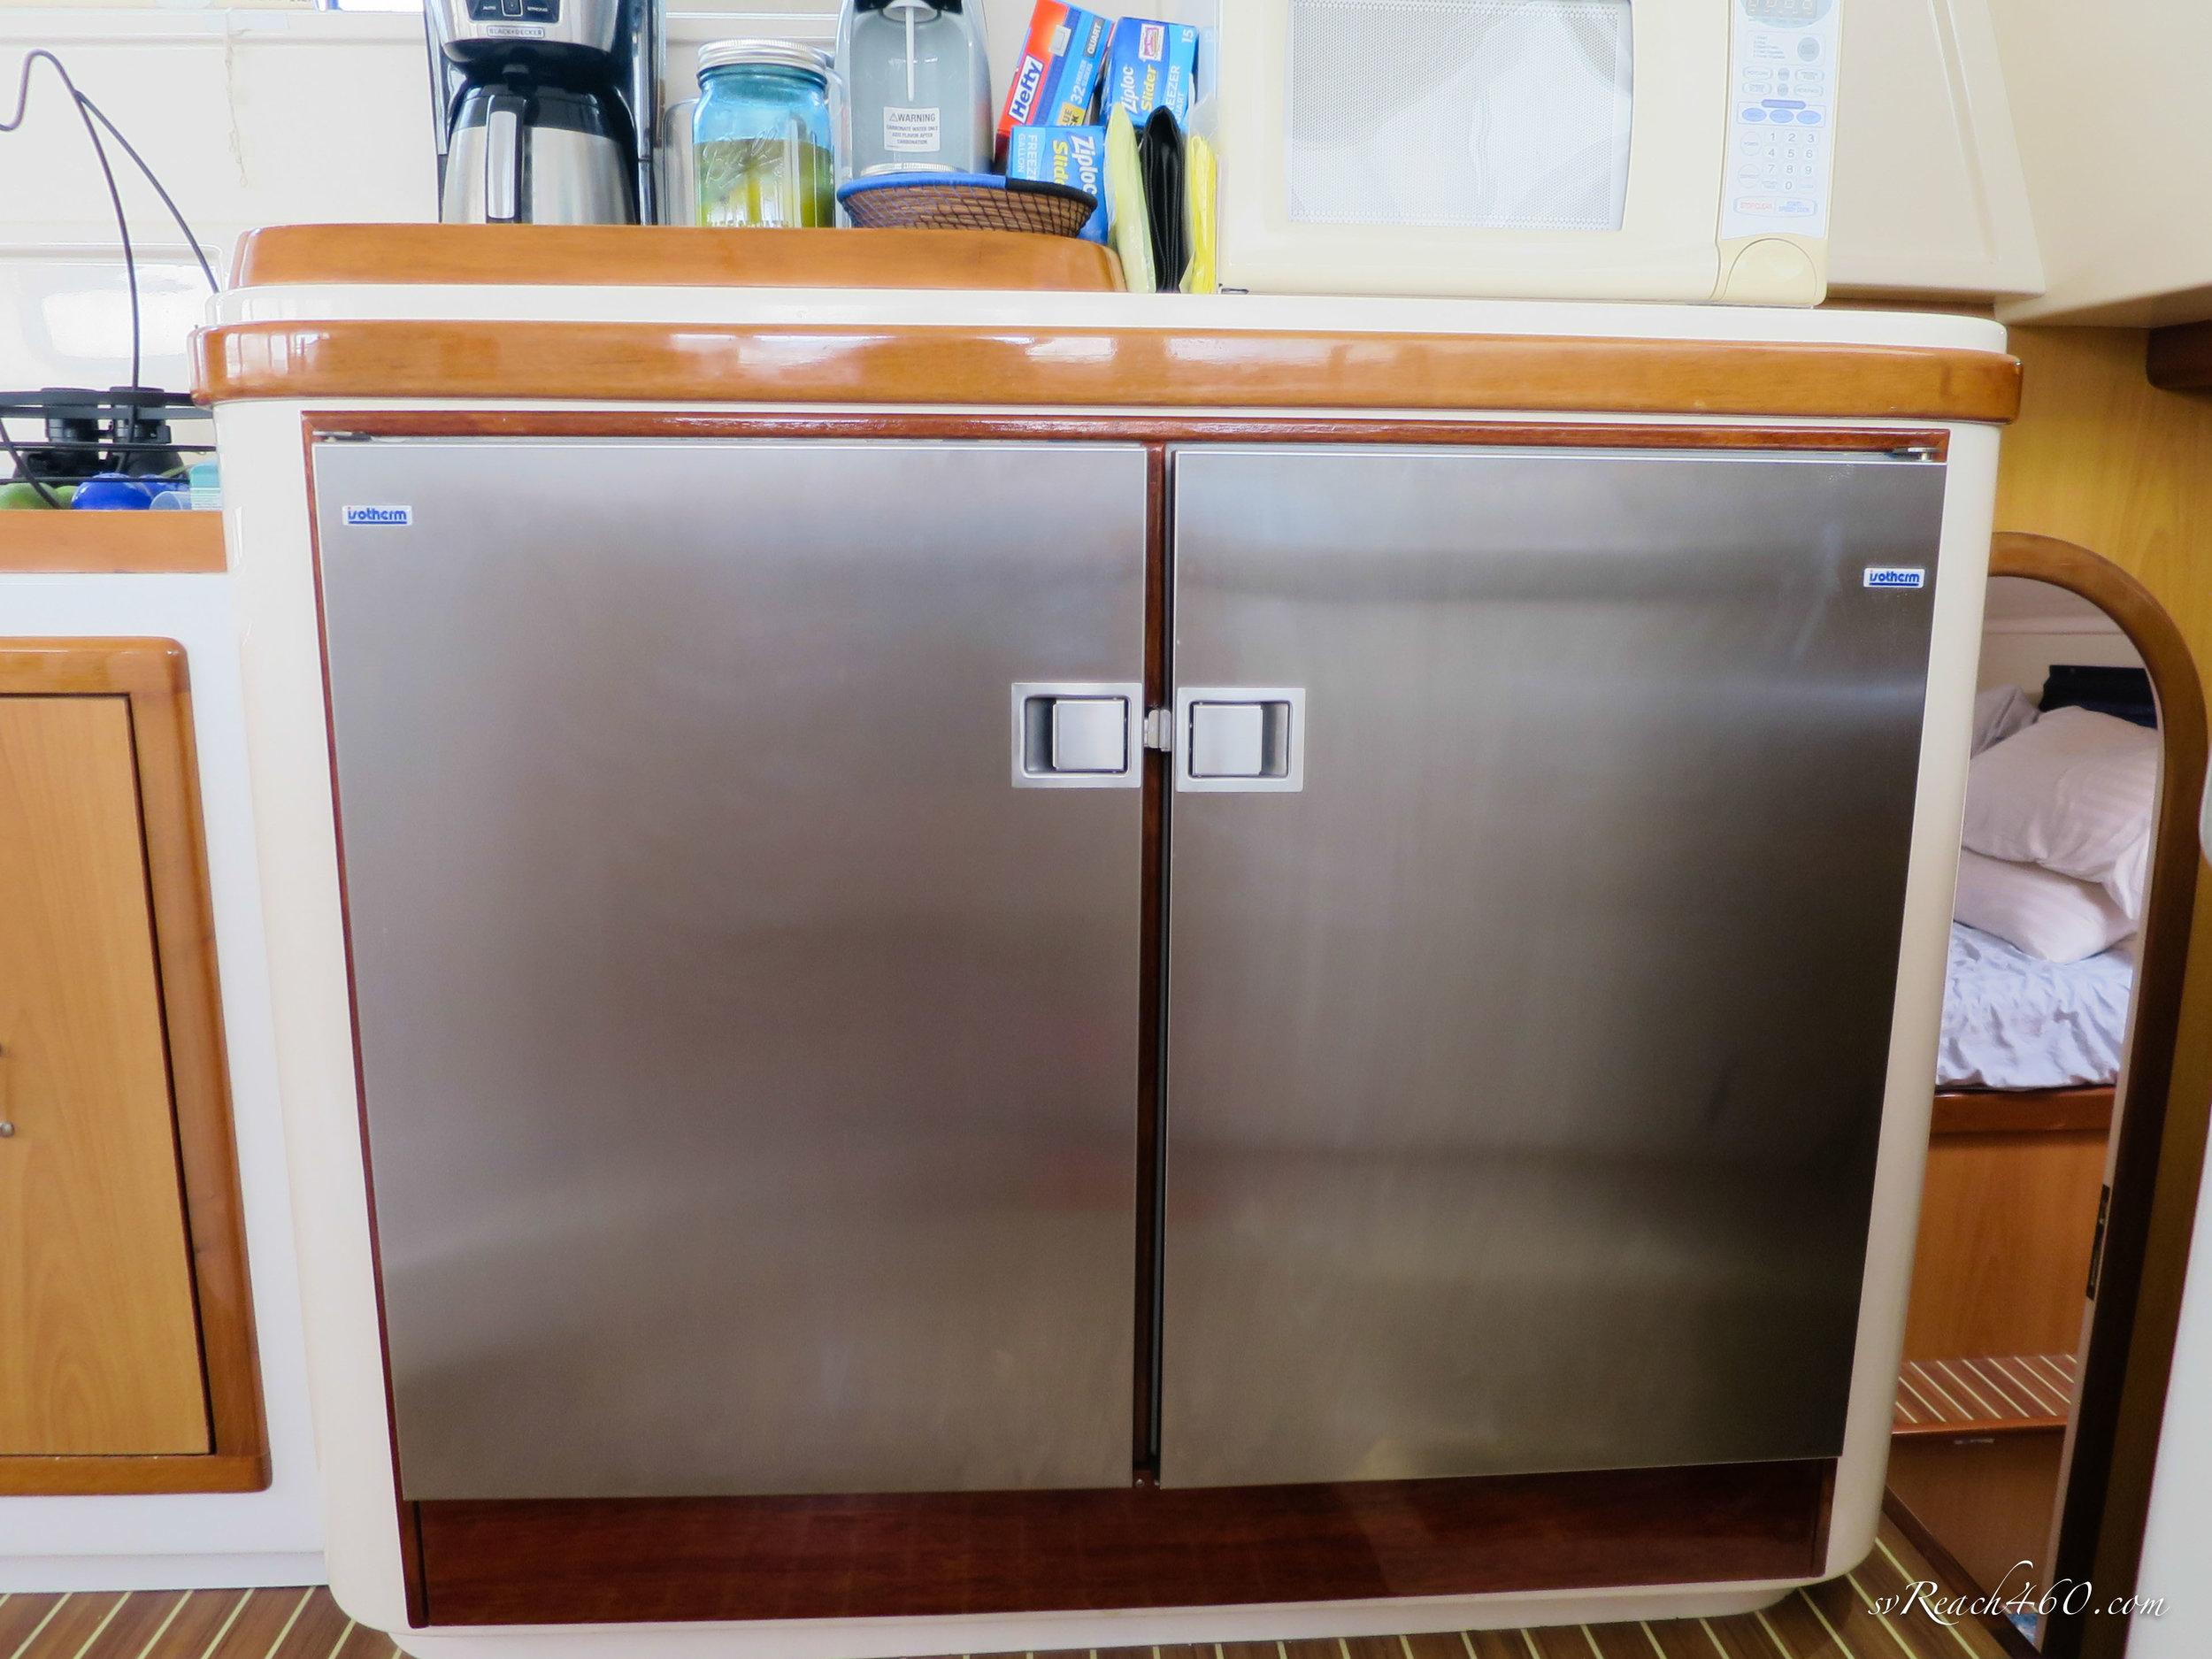 Isotherm freezer/fridge